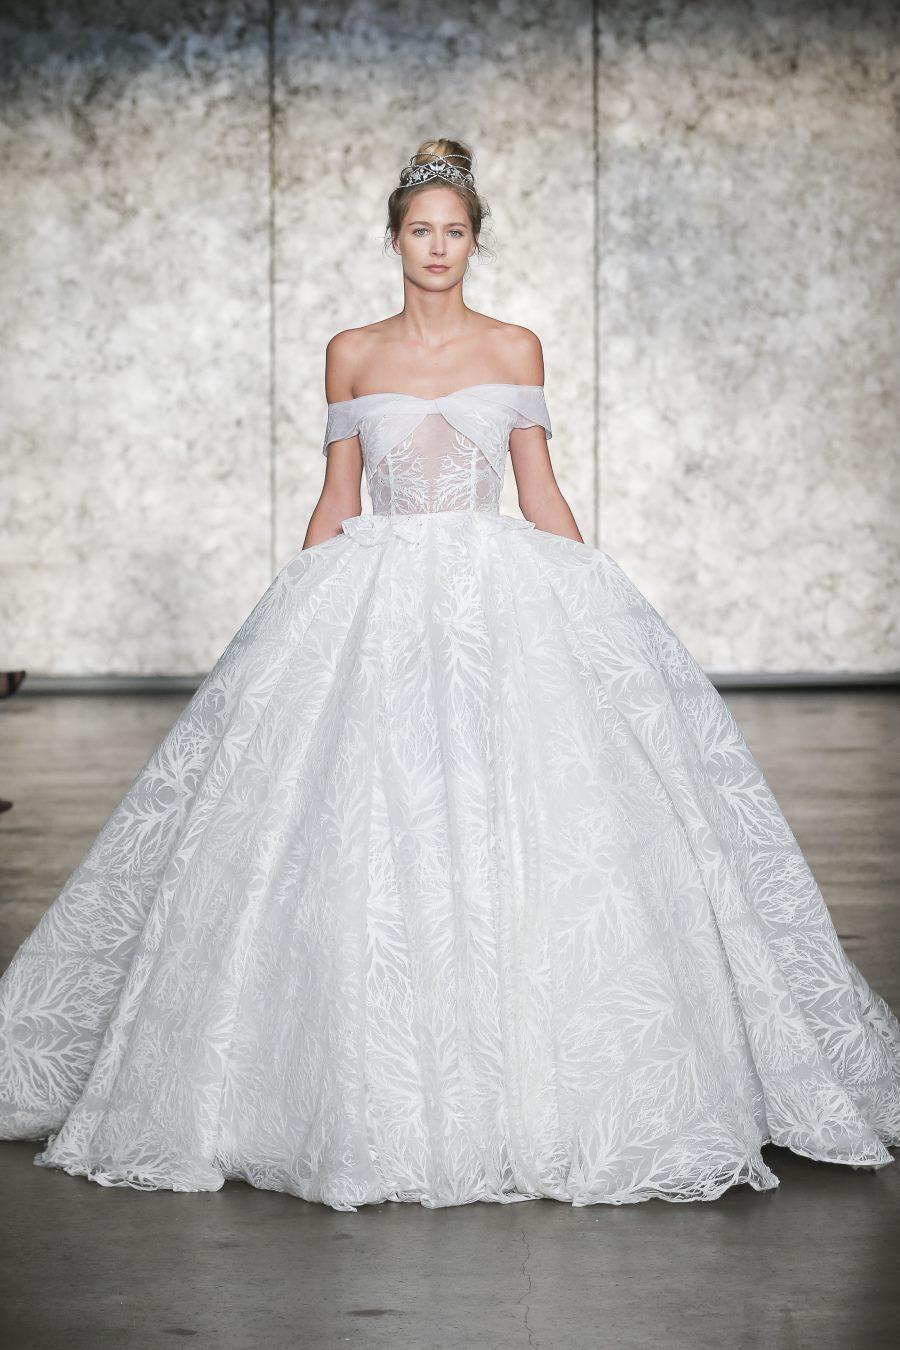 Modele de rochie de mireasa - Rochie tip printesa - Wedding Consulting by Marian Ionescu